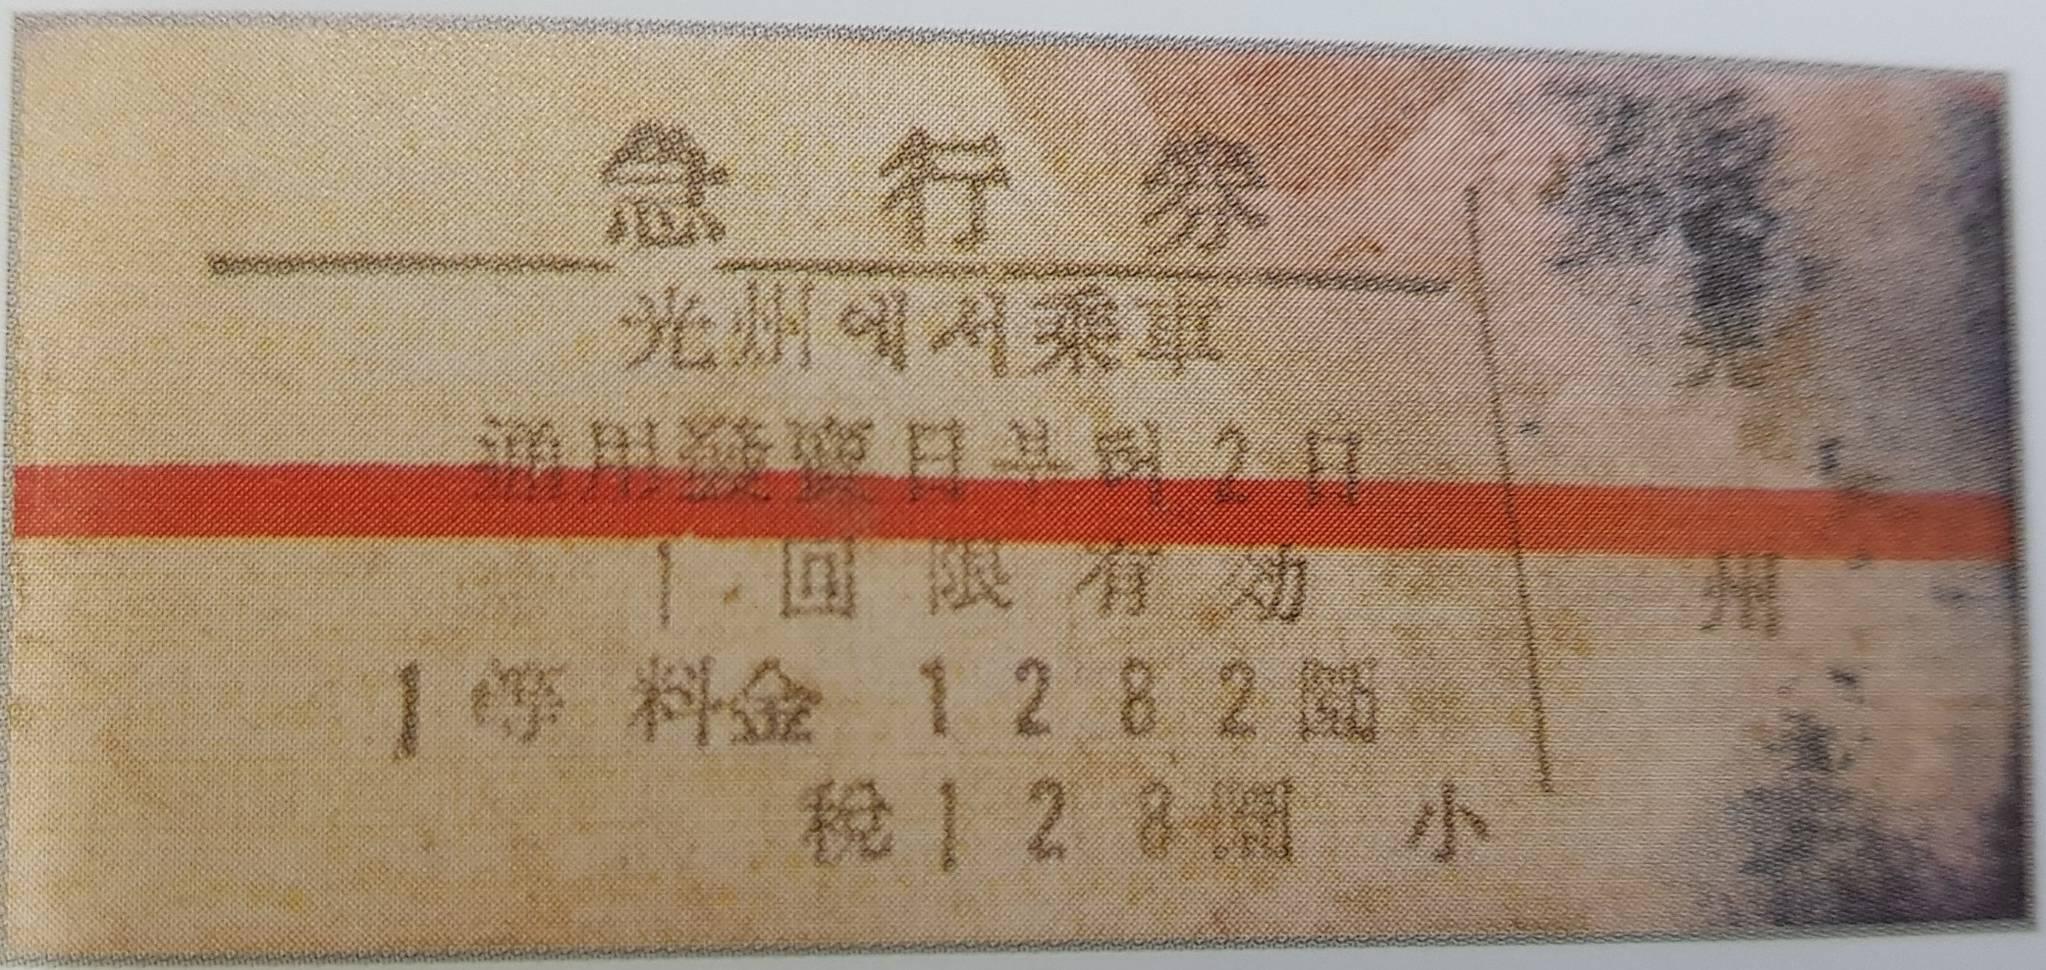 해방 이후 국산 원지를 사용한 승차권. 경전선 1등실 급행 승차권이다. [사진 코레일]